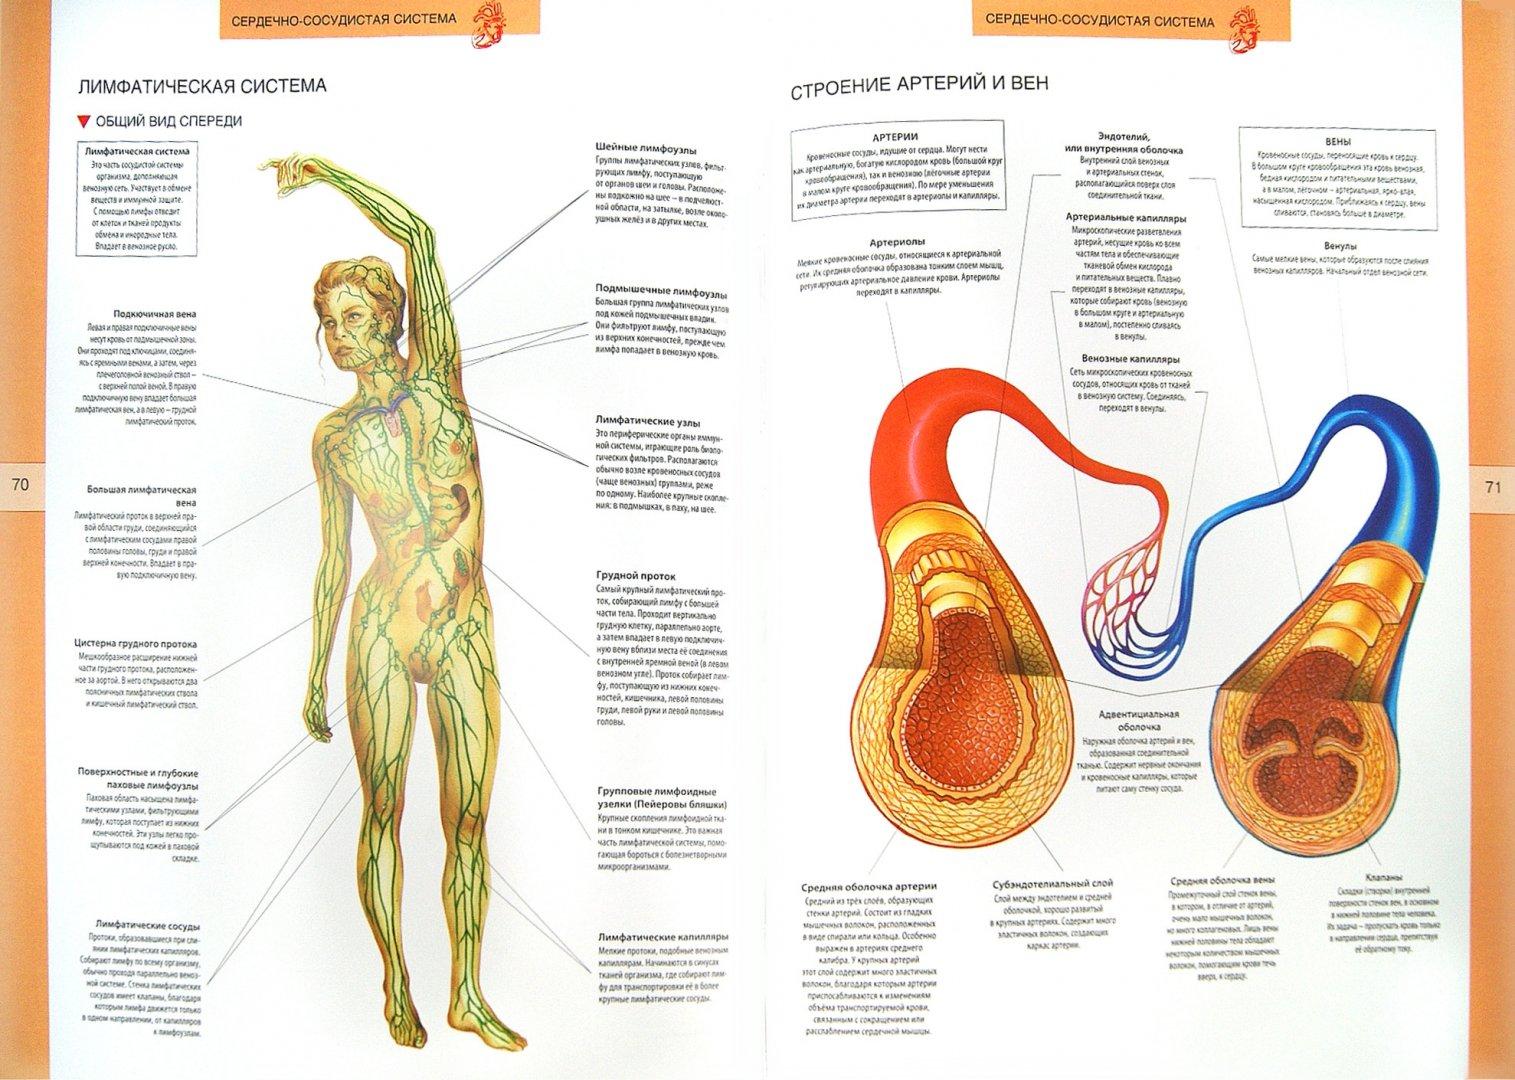 Иллюстрация 1 из 8 для Анатомический атлас. Основы строения и физиологии человека | Лабиринт - книги. Источник: Лабиринт